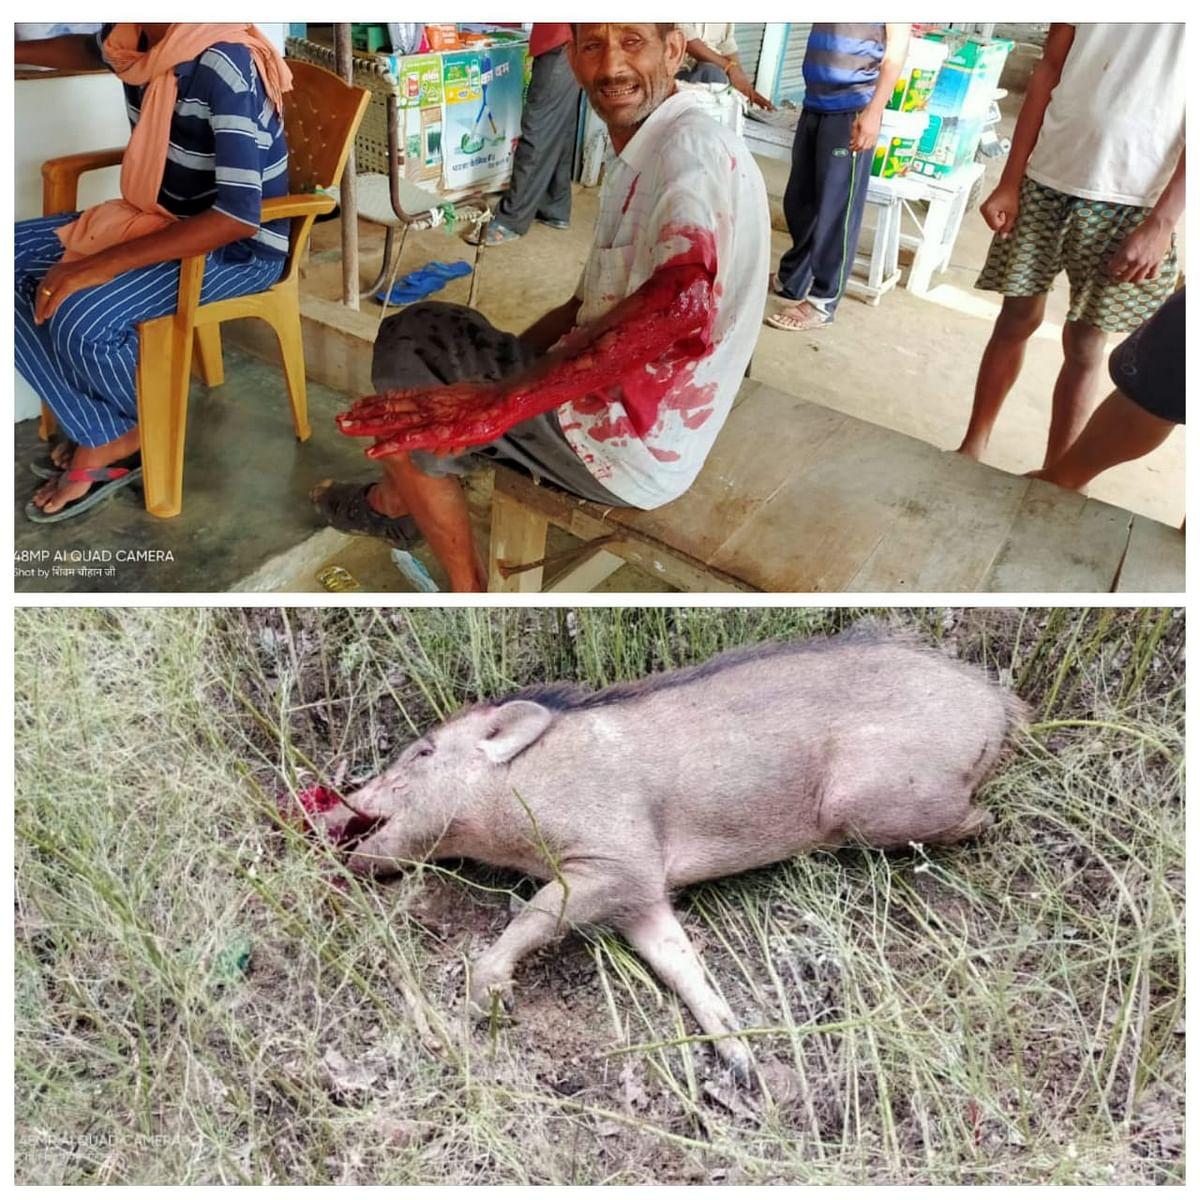 खुंखार जंगली सुअर ने किसान पर किया जानलेवा हमला